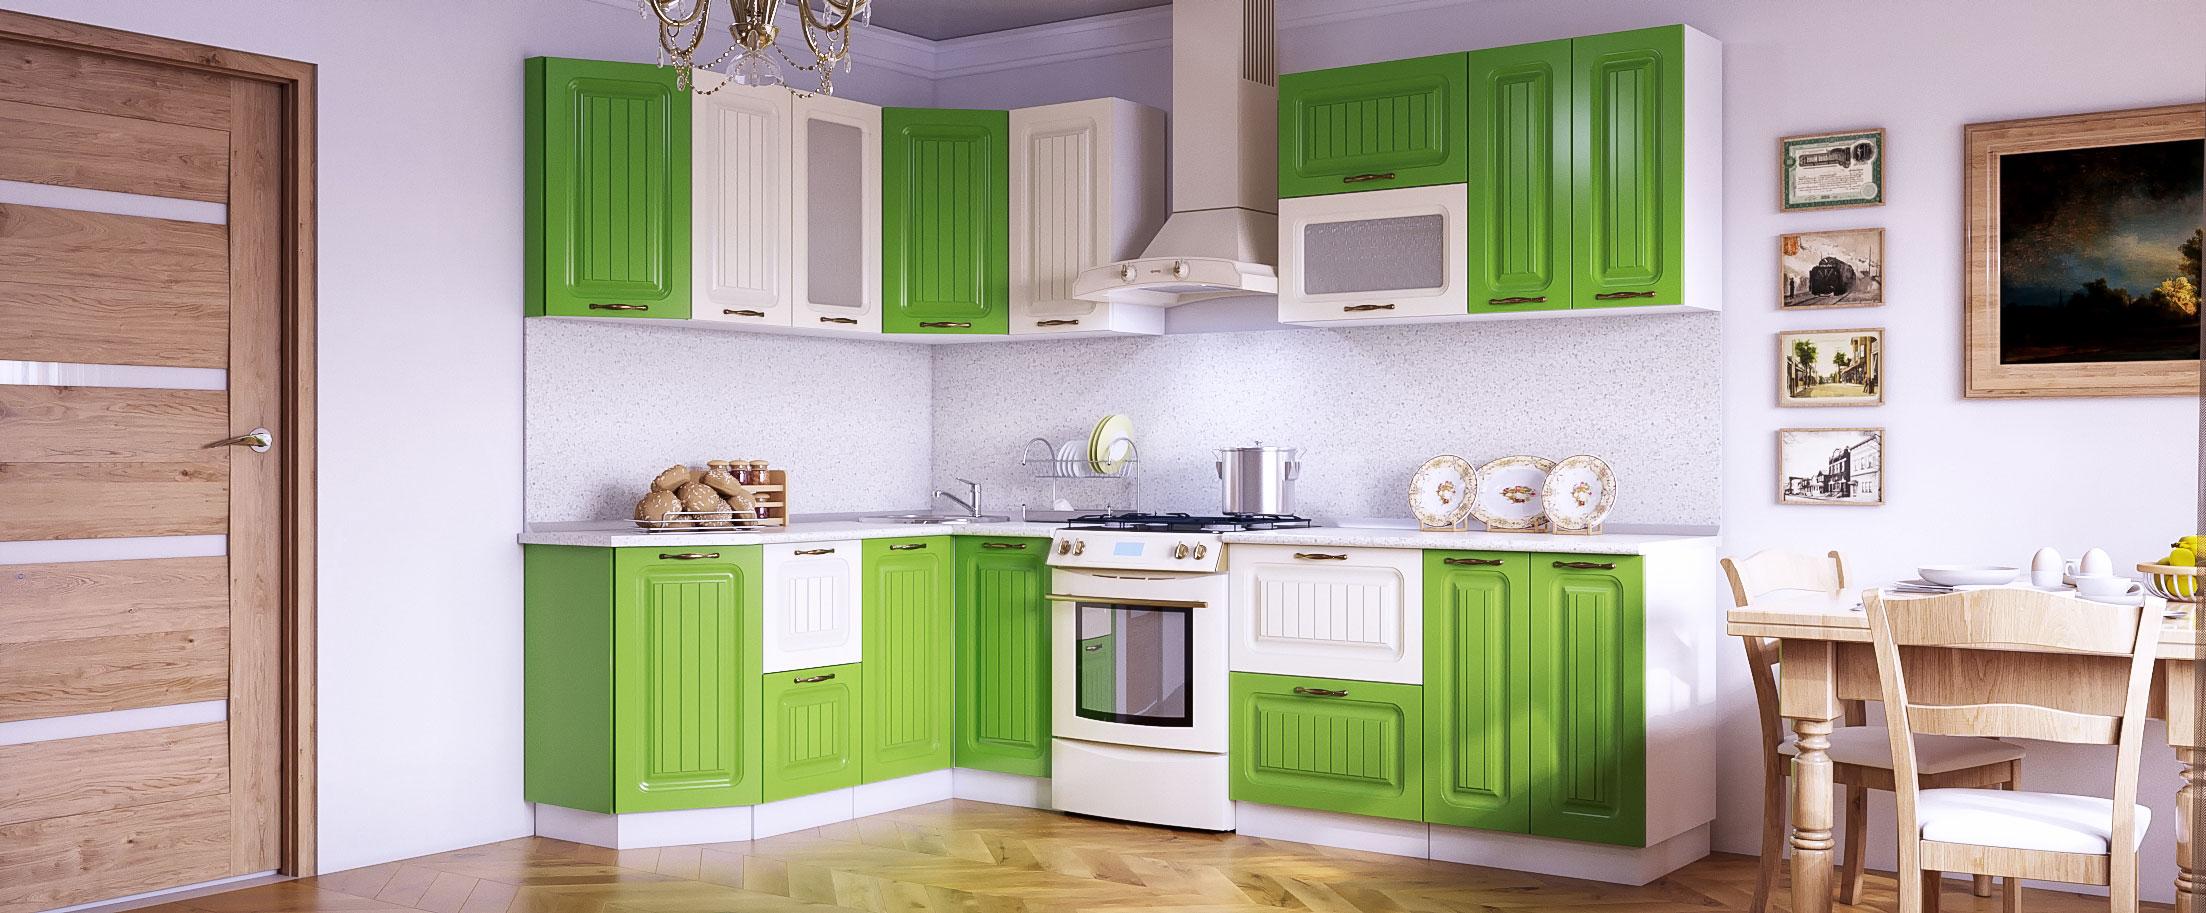 Кухня Паутинка угловая левая 1,75х2,2 мКупить удобный и практичный набор кухонного гарнитура в интернет магазине MOON TRADE. Быстрая доставка, вынос упаковки, гарантия! Выгодная покупка!<br>